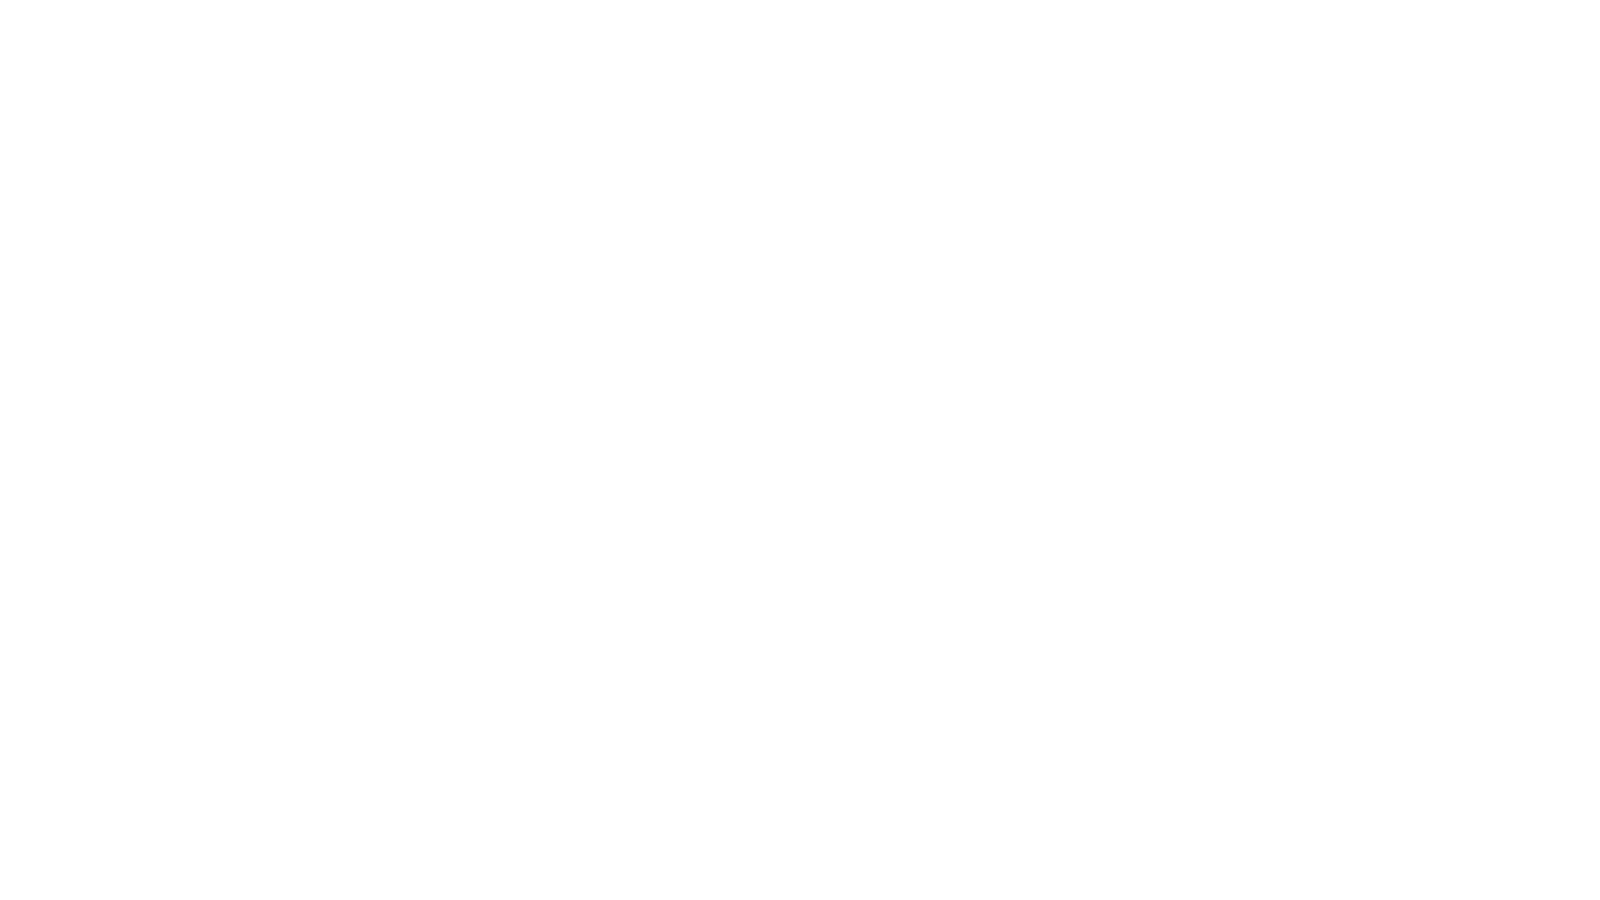 Grupo Cosehisa presenta Lilia, la seva 4a promoció a Ciutat Jardí i la 6a a Lleida.  Lilia es un edifici que consta de 32 habitatges lluminosos amb grans terrasses y una zona comunitària amb piscina i jardí.  Una novetat a Lilia es la introducció d'avenços tecnològics amb la domòtica. Podràs controlar aspectes com els accessos, seguretat, clima, il·luminació i ombrejat des de la teva llar o des del teu smartphone.  Cosehisa impregnarà el seu segell com a promotor, permetent als seus clients modificar tant la distribució de la seva llar com elegint entre diverses opcions els seus materials d'acabats.  Podeu trovar més informació a les oficines de Finques Farré o a www.lilialleida.com